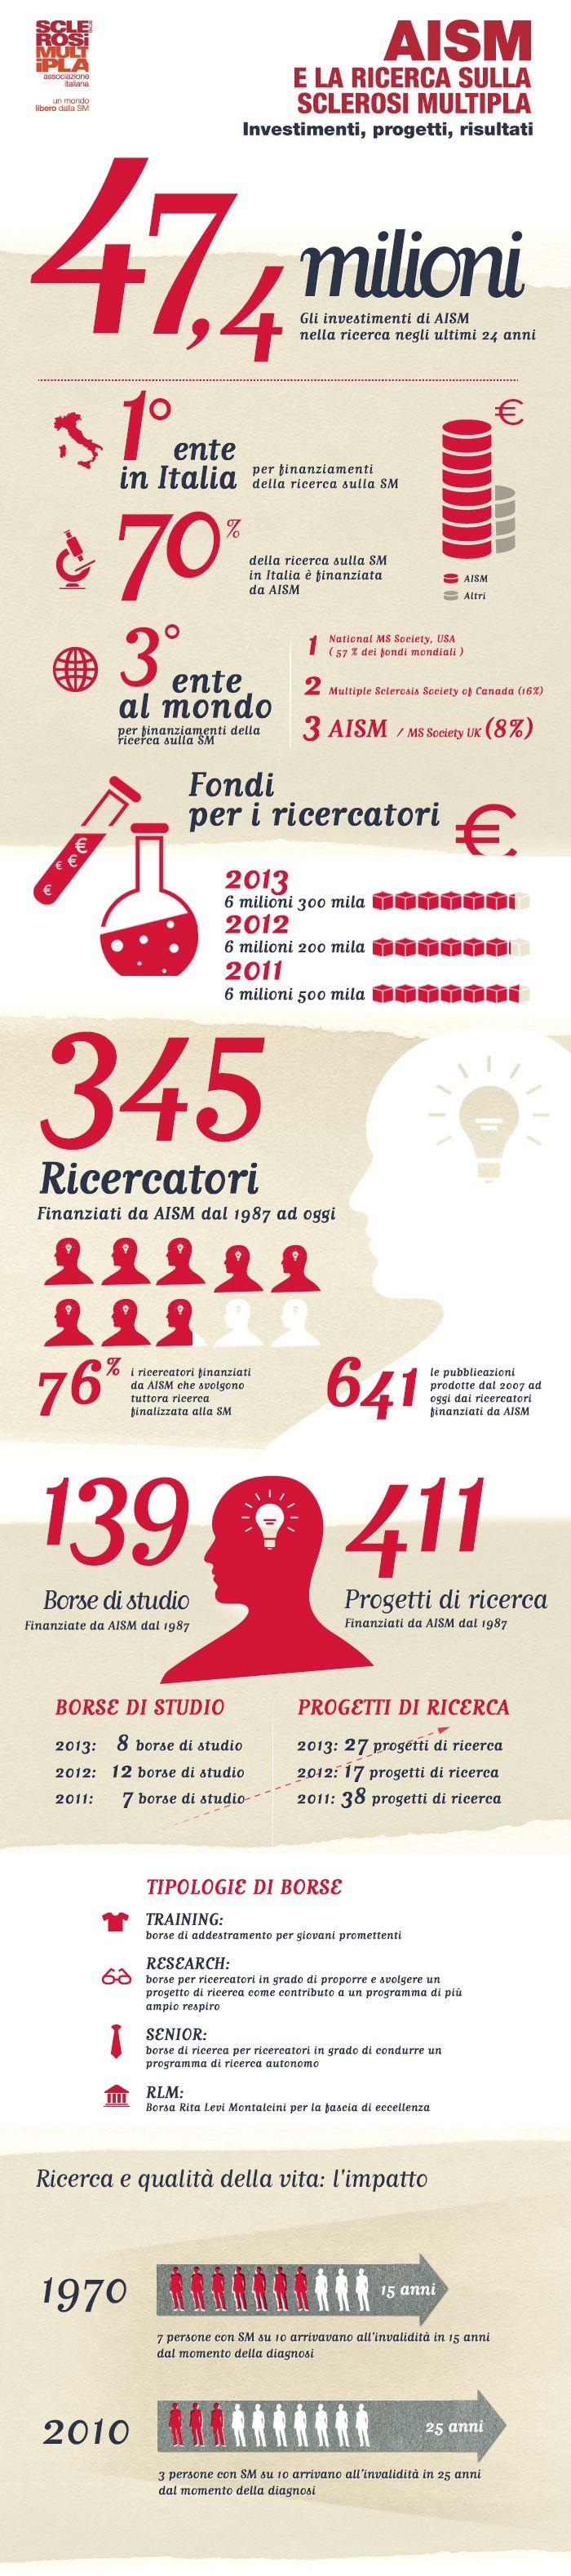 Sei un ricercatore?EccoI numeri della ricerca FISM #infografica